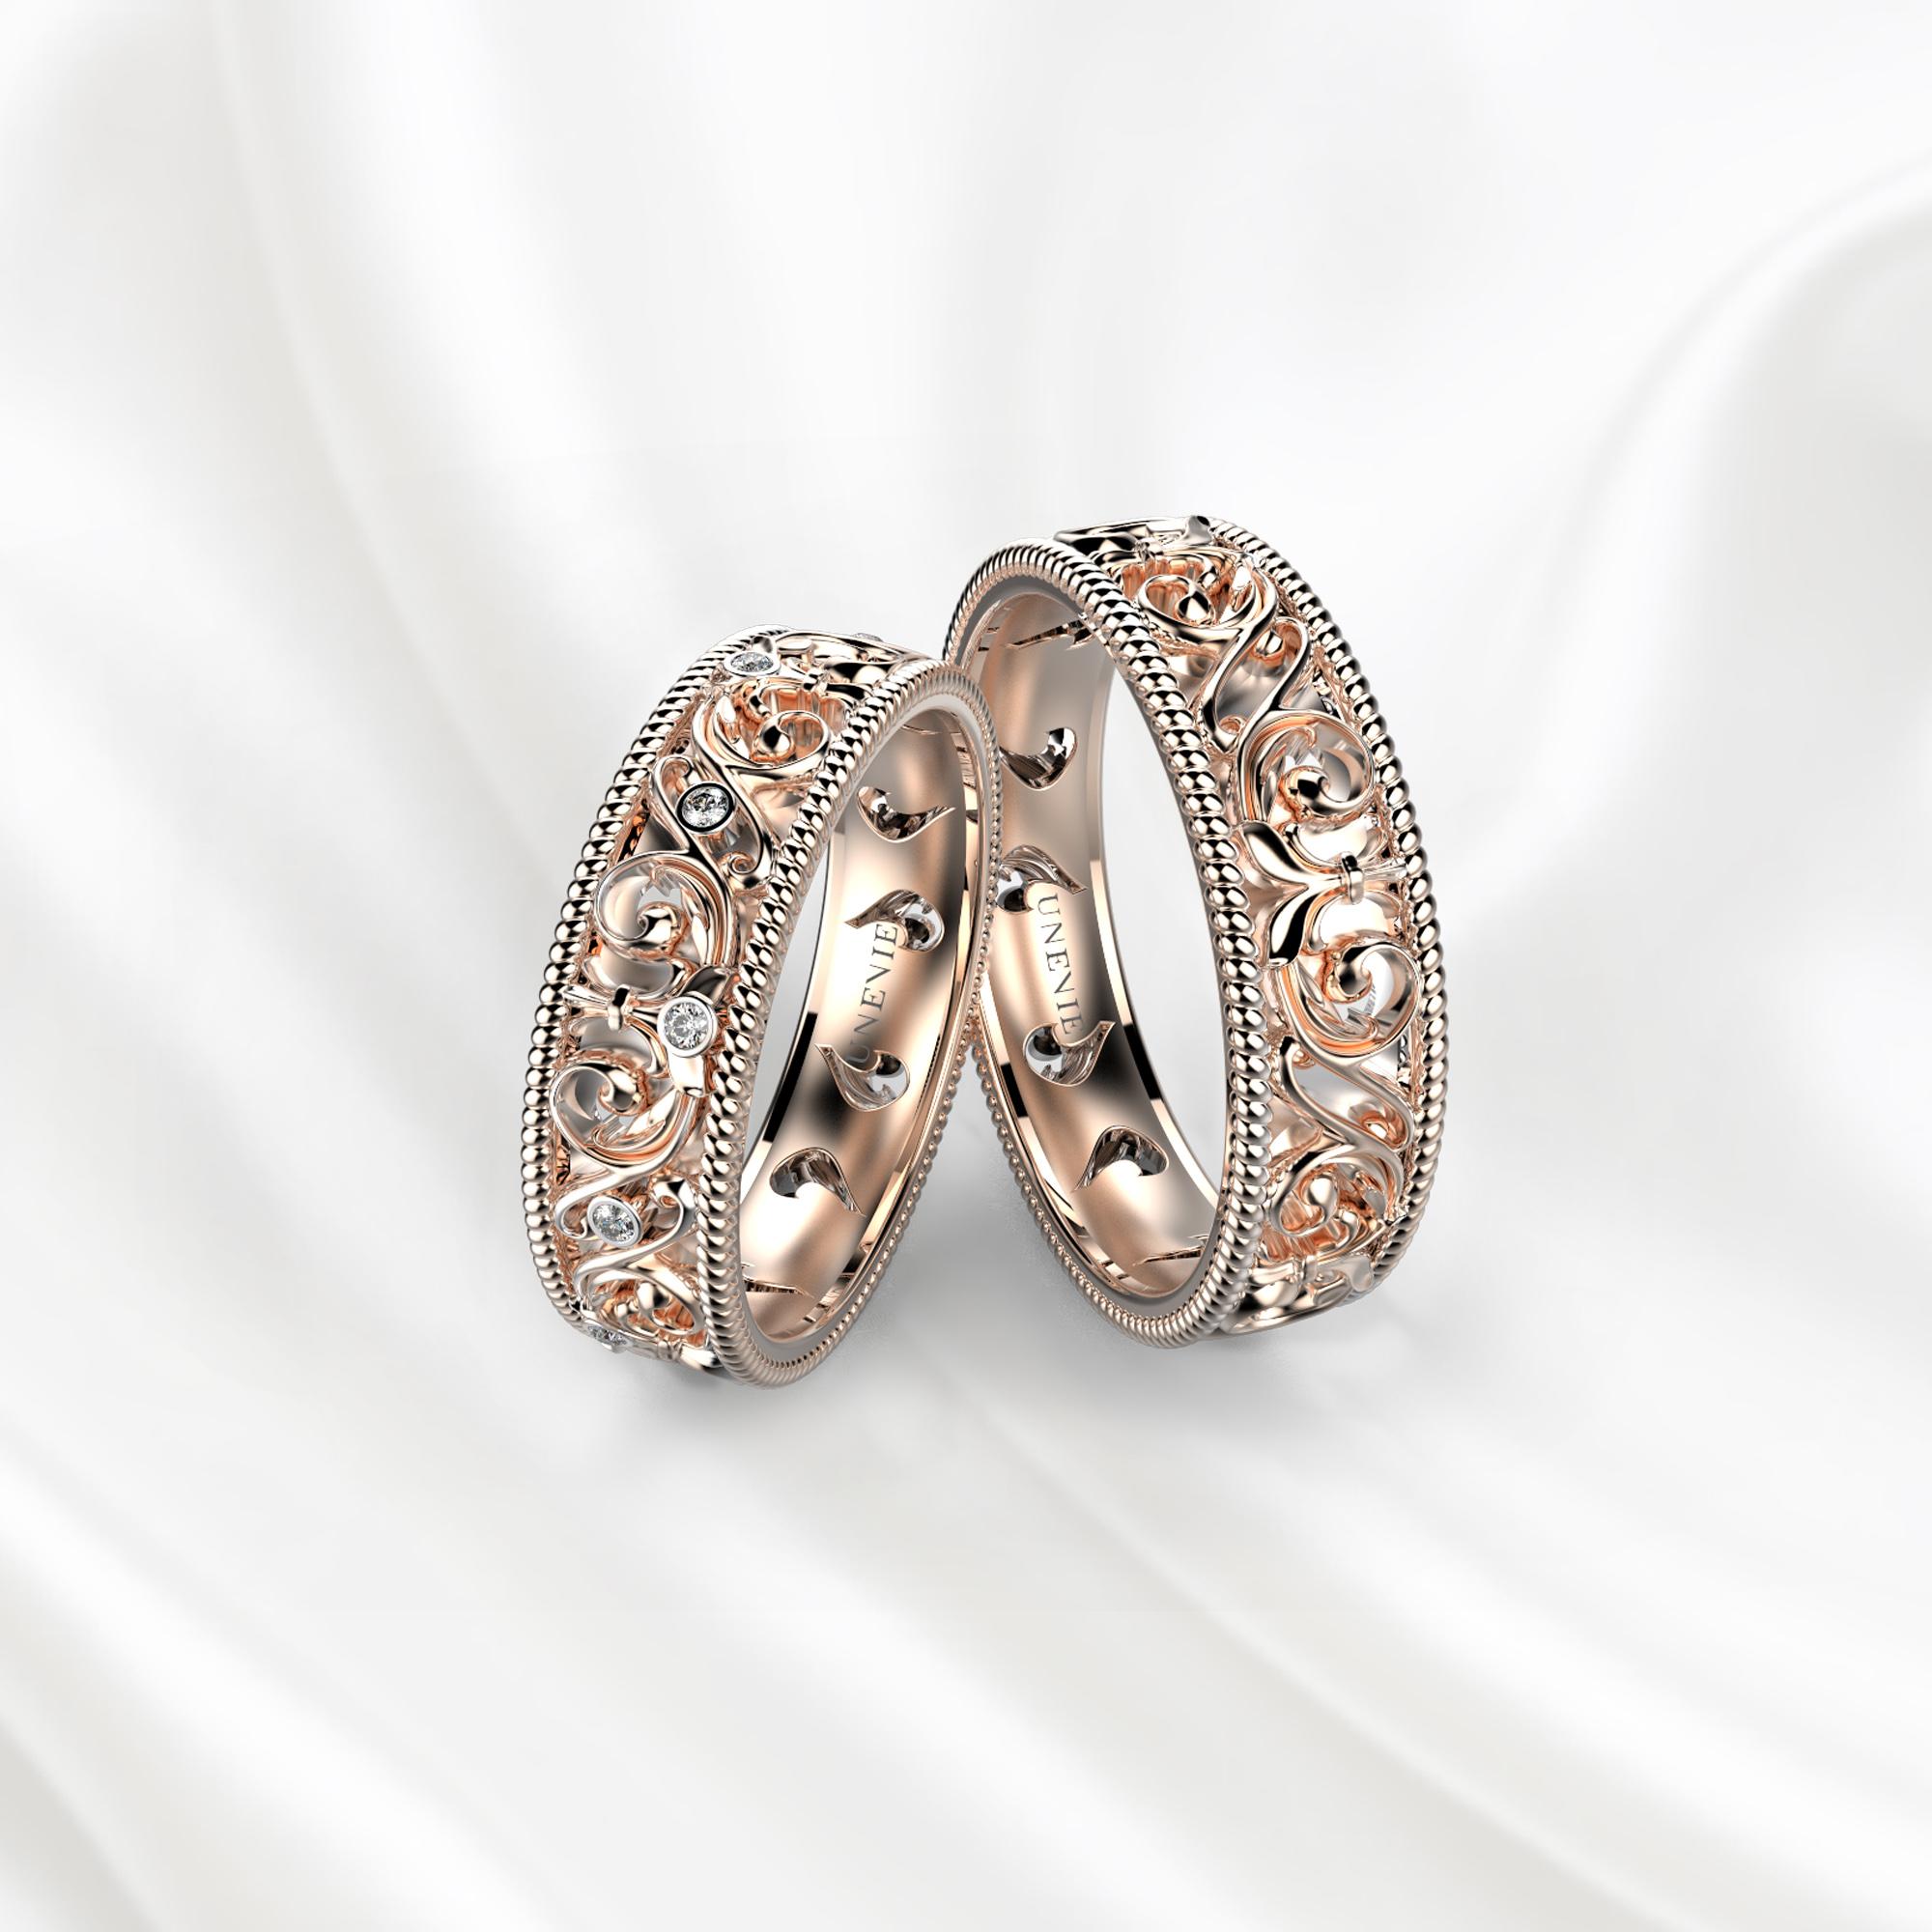 NV28 Обручальные кольца из розового золота с бриллиантами